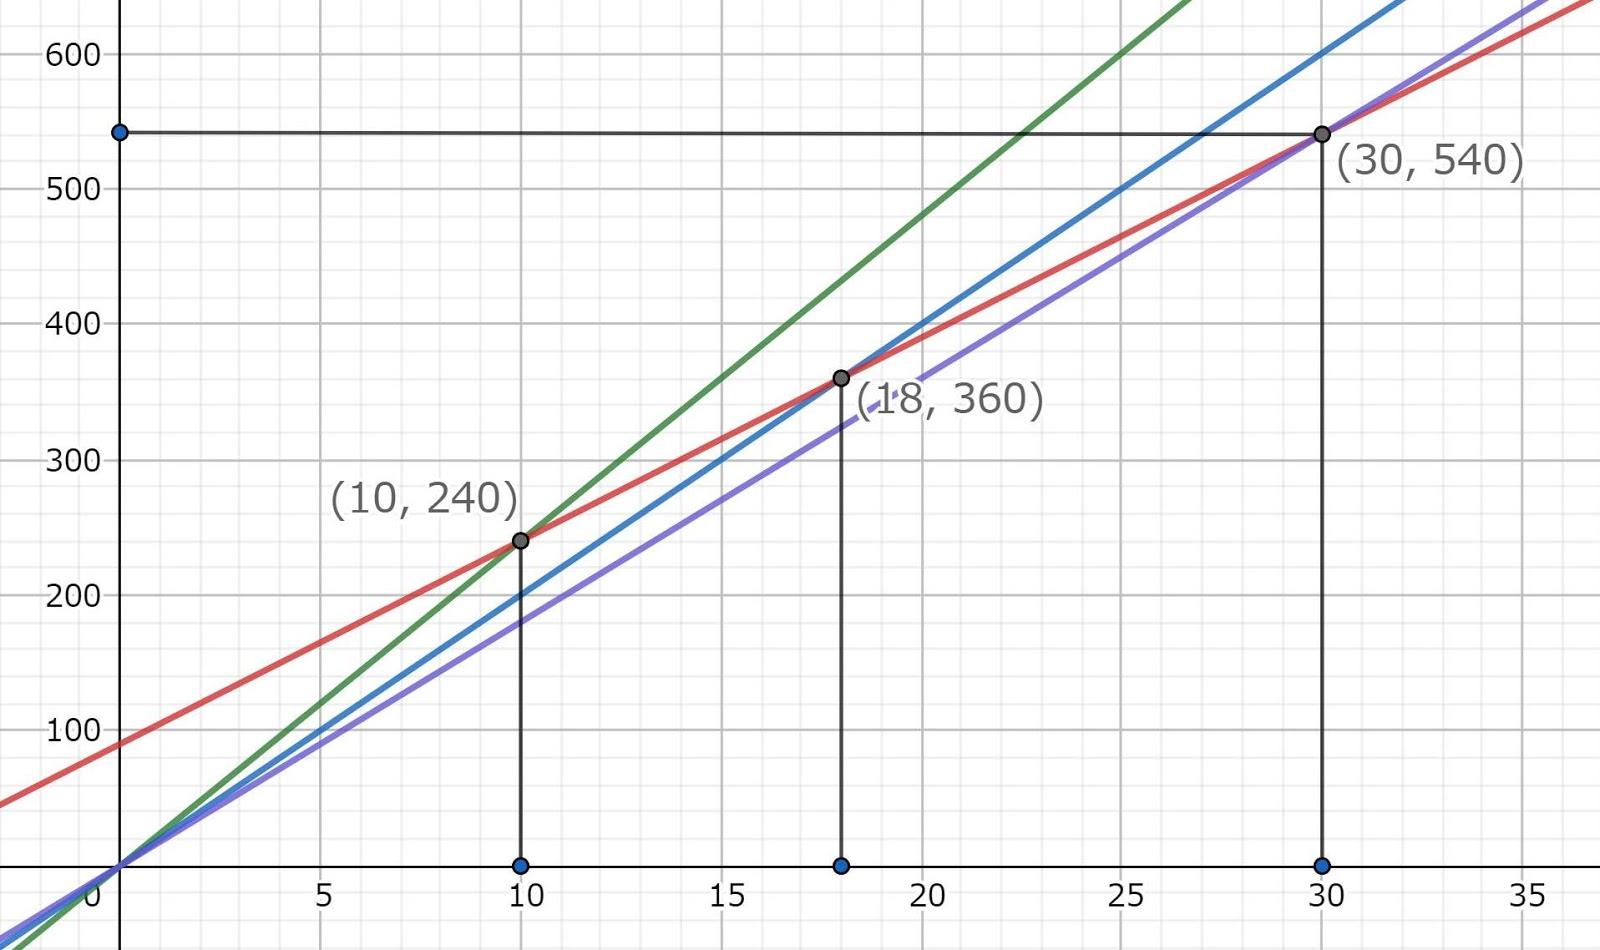 タコ星人3人での10日間の仕事の量は8×3×10\u003d240,イカ星人2人での18日間の仕事の量は10×2×18\u003d360.仕事の量の差は360,240\u003d120で,日数の差は18,10\u003d8.